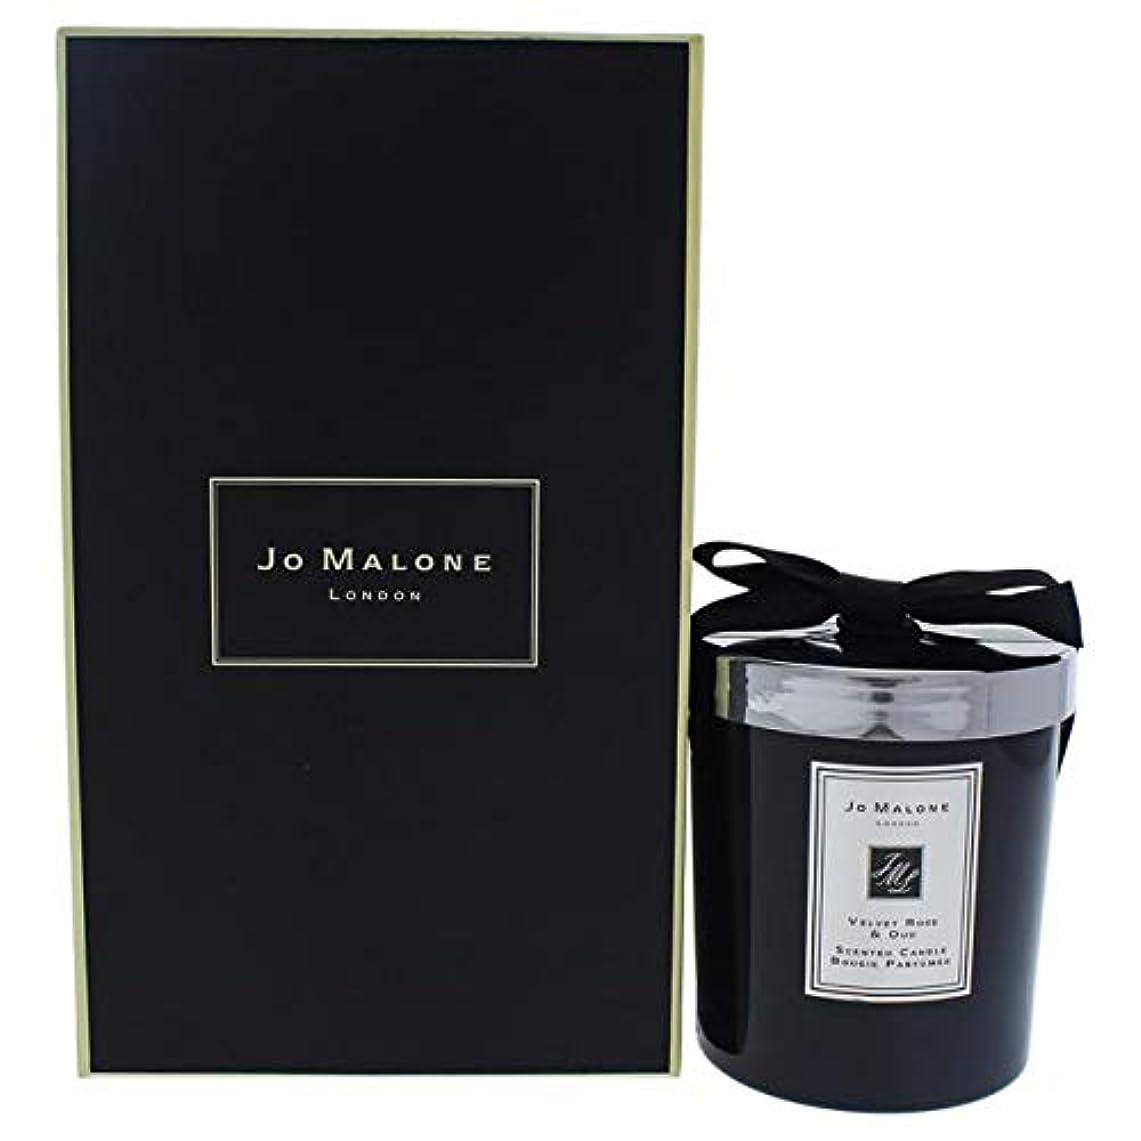 甘くするうっかり原理ジョーマローン ヴェルベット ローズ&ウード キャンドル 200g (2.5 inch) 並行輸入品